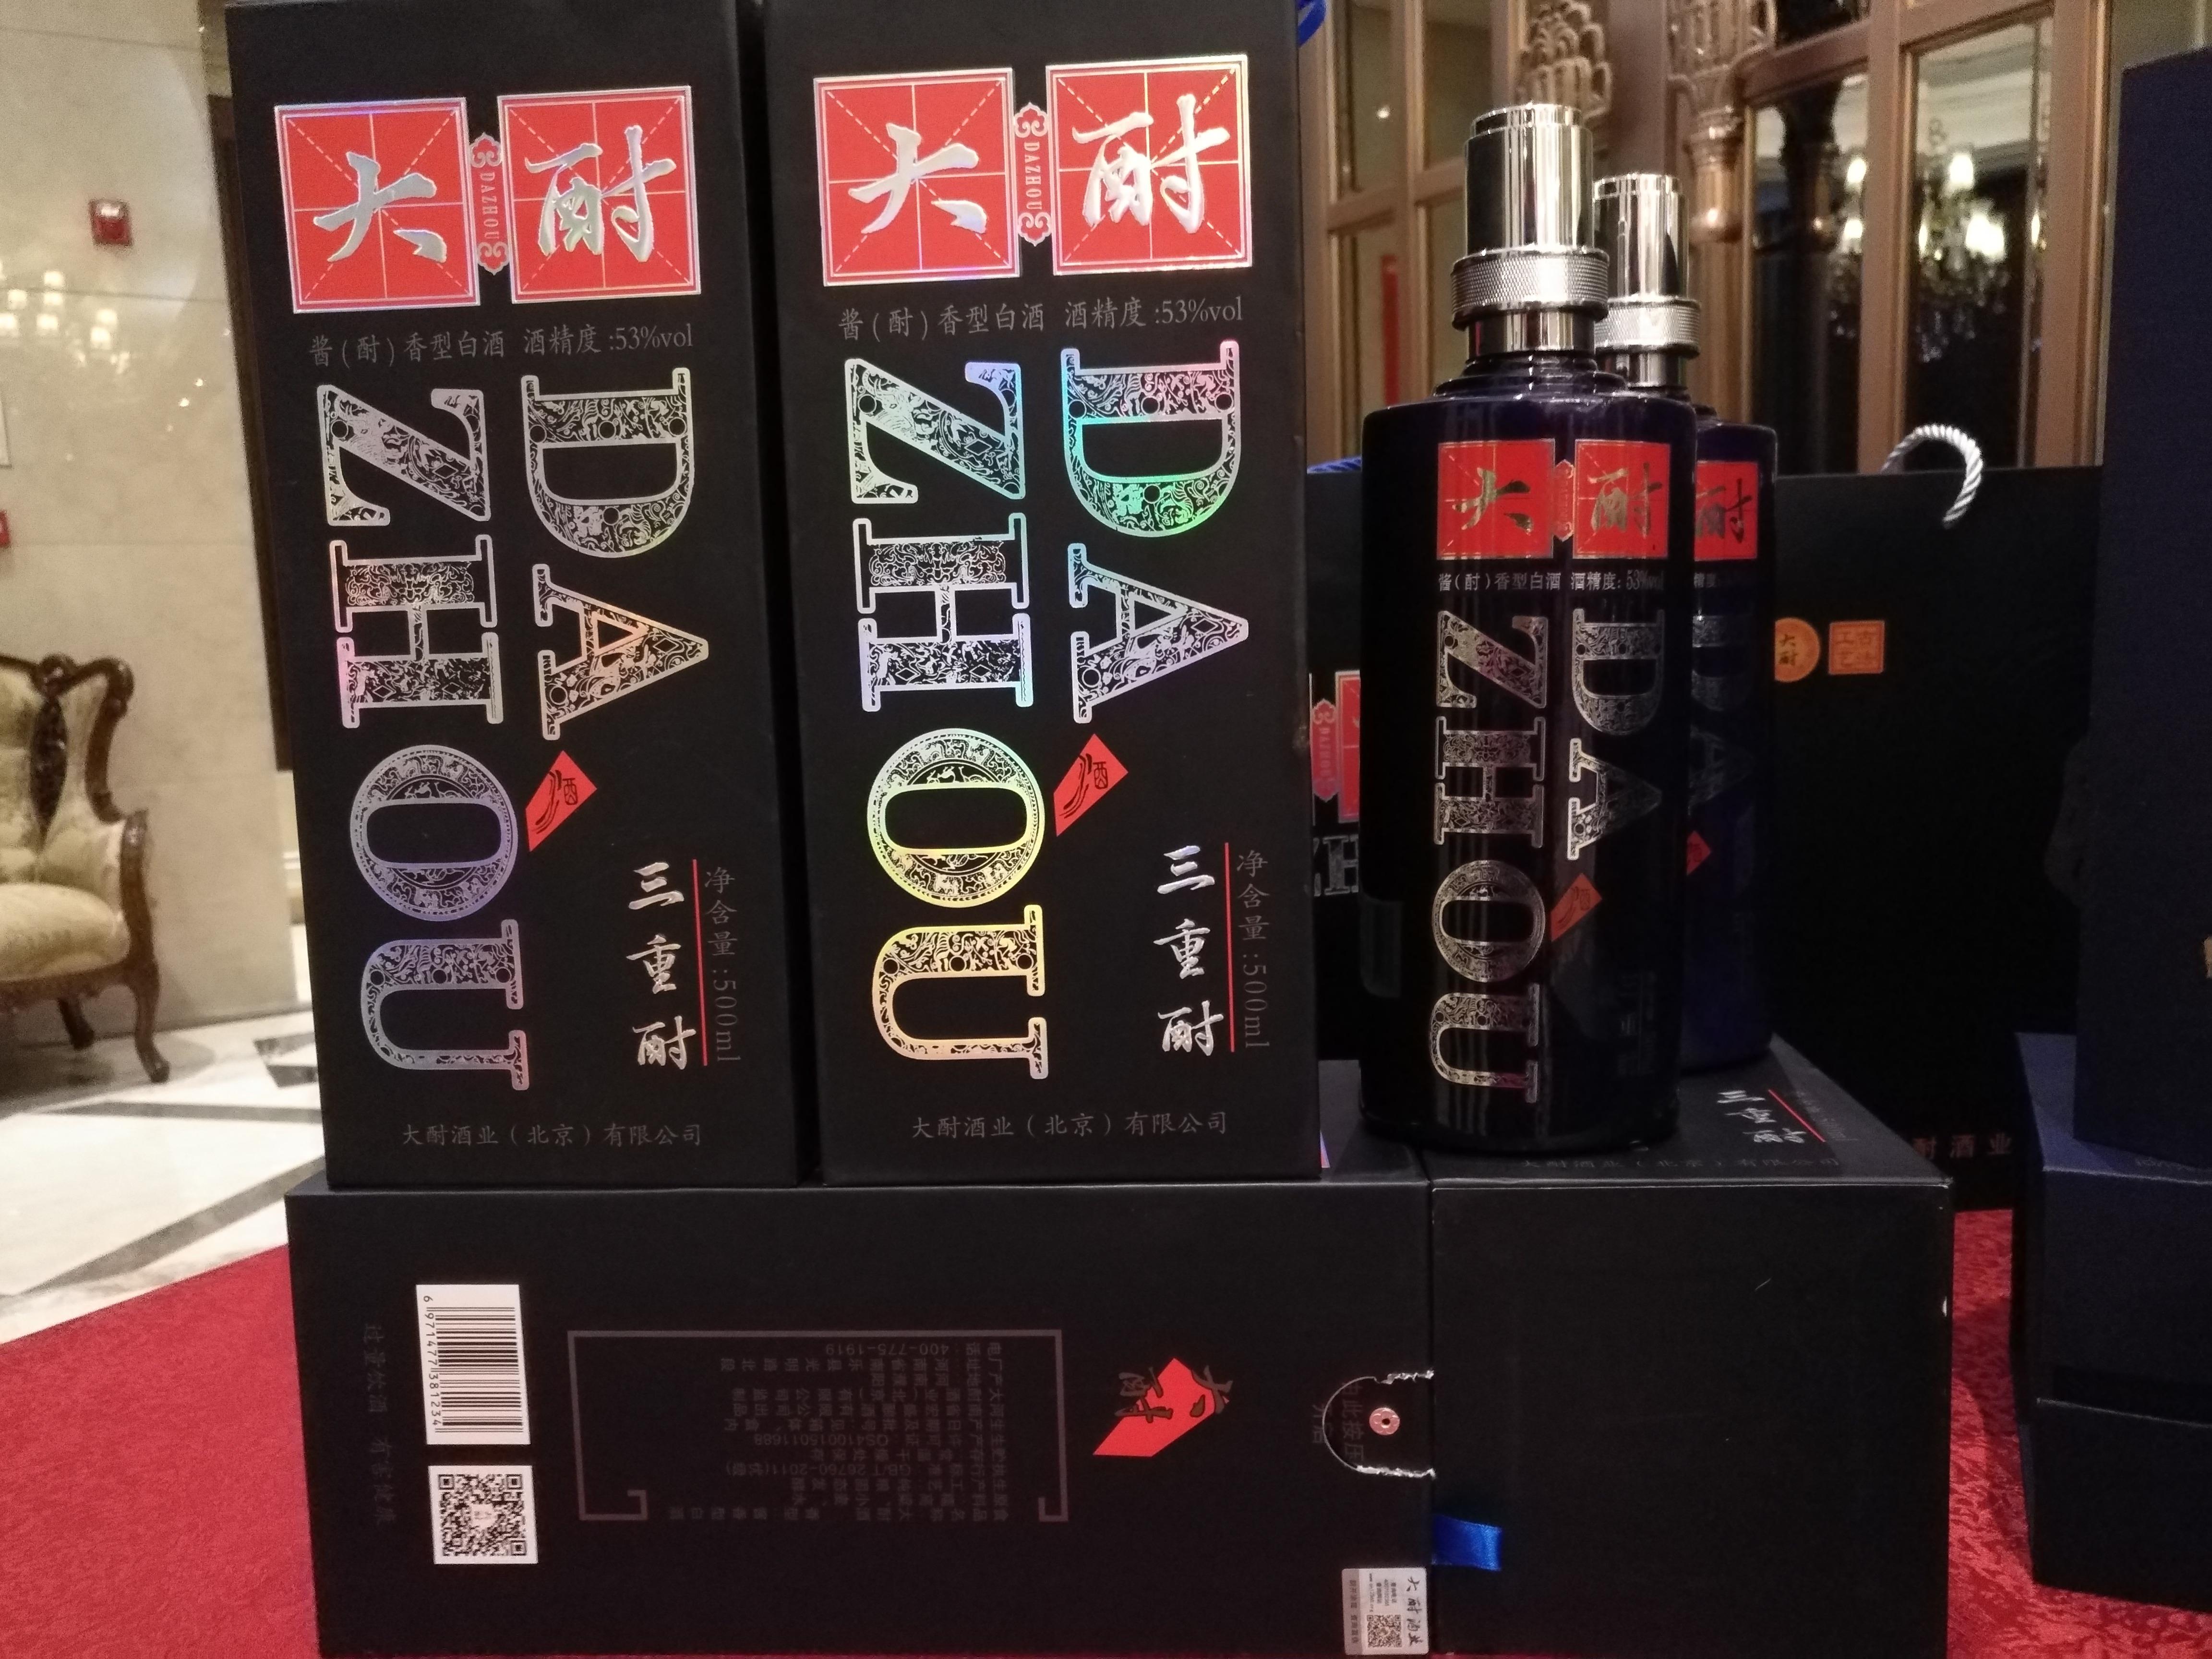 大酎酒2019新品发布 汉代工艺盛世回归